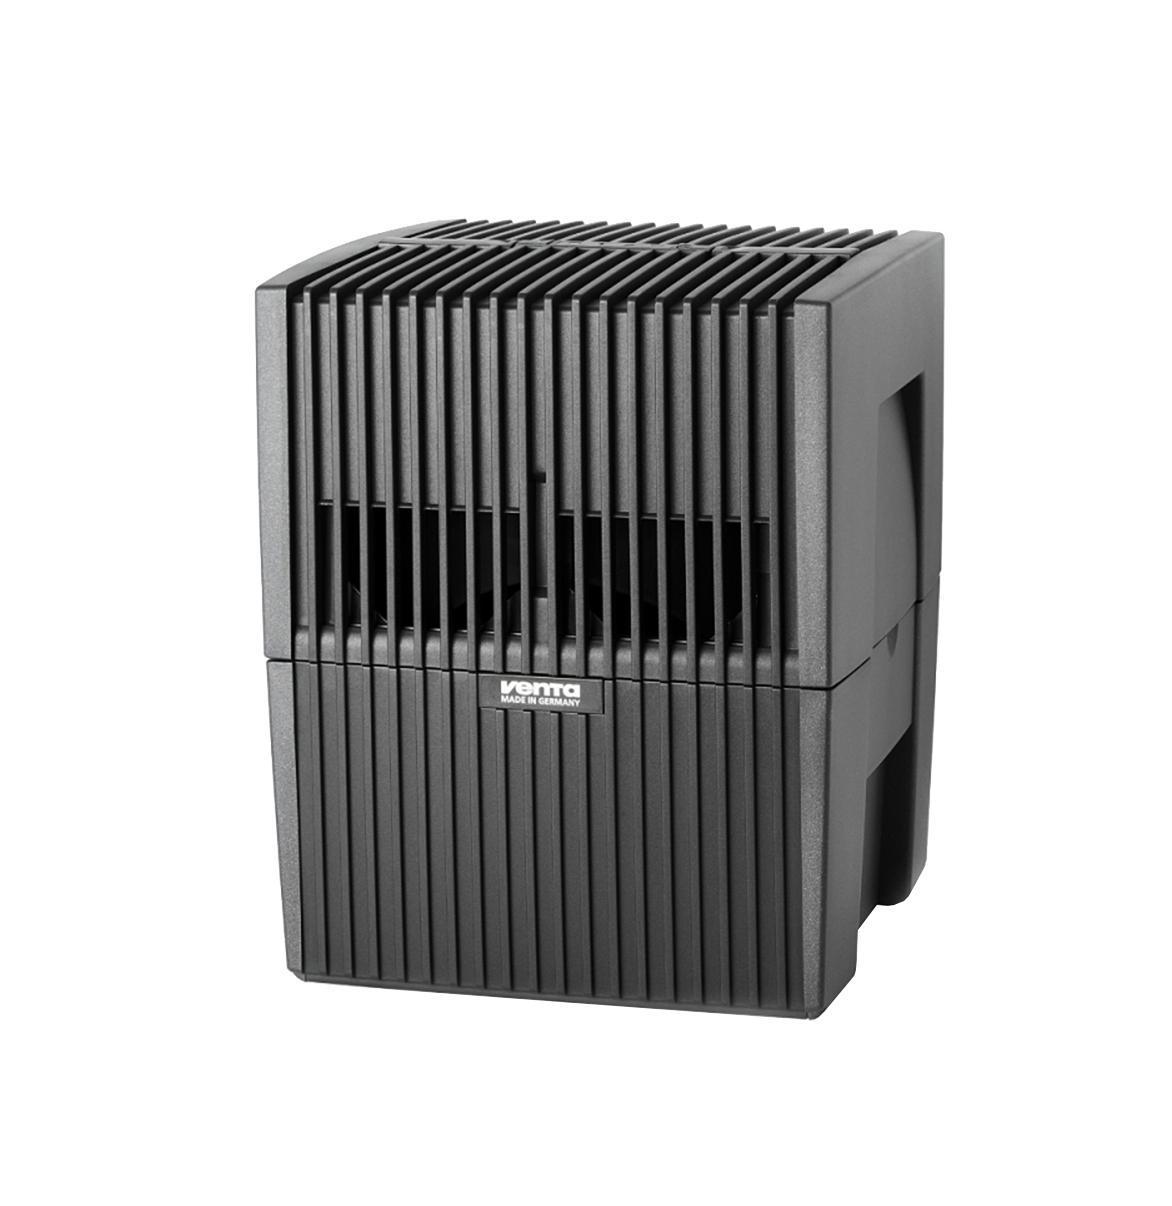 Venta LW 15, Black мойка воздухаLW 15Модель LW 15 - это увлажнитель-очиститель воздуха, который идеально подходит для небольших помещений: детских комнат, спален, кабинетов. Уникальность данной модели заключается в том, что она очень компактная и может легко разместиться даже в самом небольшом помещении при этом общая площадь пластинчатого барабана, на котором промывается воздух, составляет 1,4 м2. Это равноценно тому, чтобы установить бассейн размером 1,4 х 1 м в комнате площадью до 15-20 м2. Установка компактной модели LW 15 позволит избежать переувлажнения воздуха в помещении с небольшой площадью, что очень вероятно при эксплуатации моек воздуха других производителей, которые предлагают только одну модель на площадь до 50 м2. Модель LW 15 в белом исполнении чаще всего приобретают для помещений со светлой мебелью и полами (например, паркет из клена, дуба, карельской сосны). В комплект входят 2 флакона гигиенической добавки.